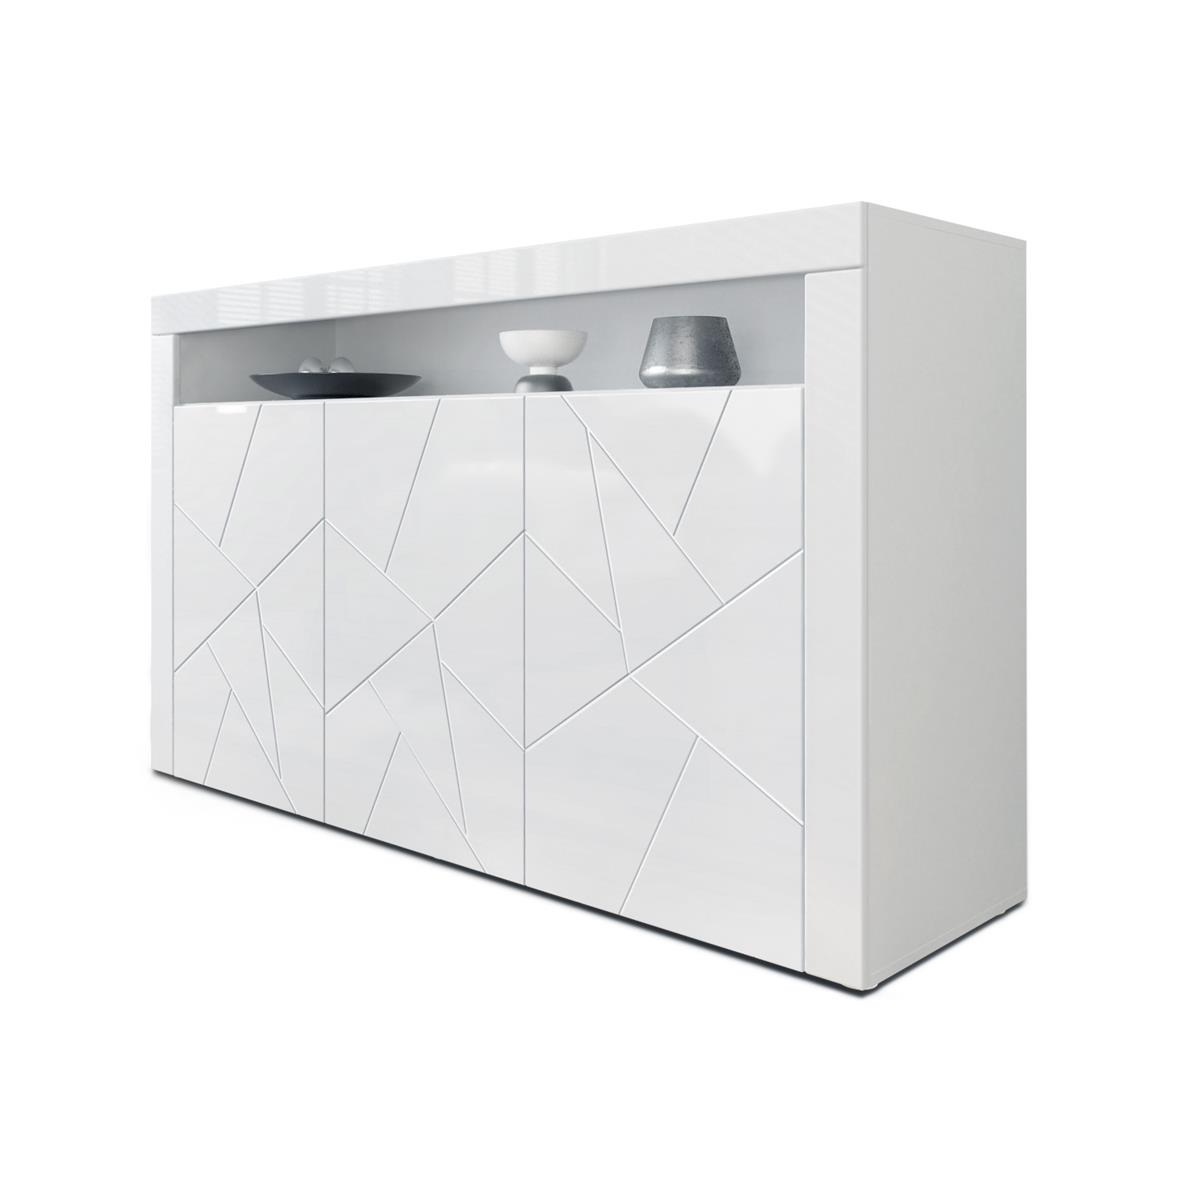 sideboard valencia mit 3d fronten. Black Bedroom Furniture Sets. Home Design Ideas